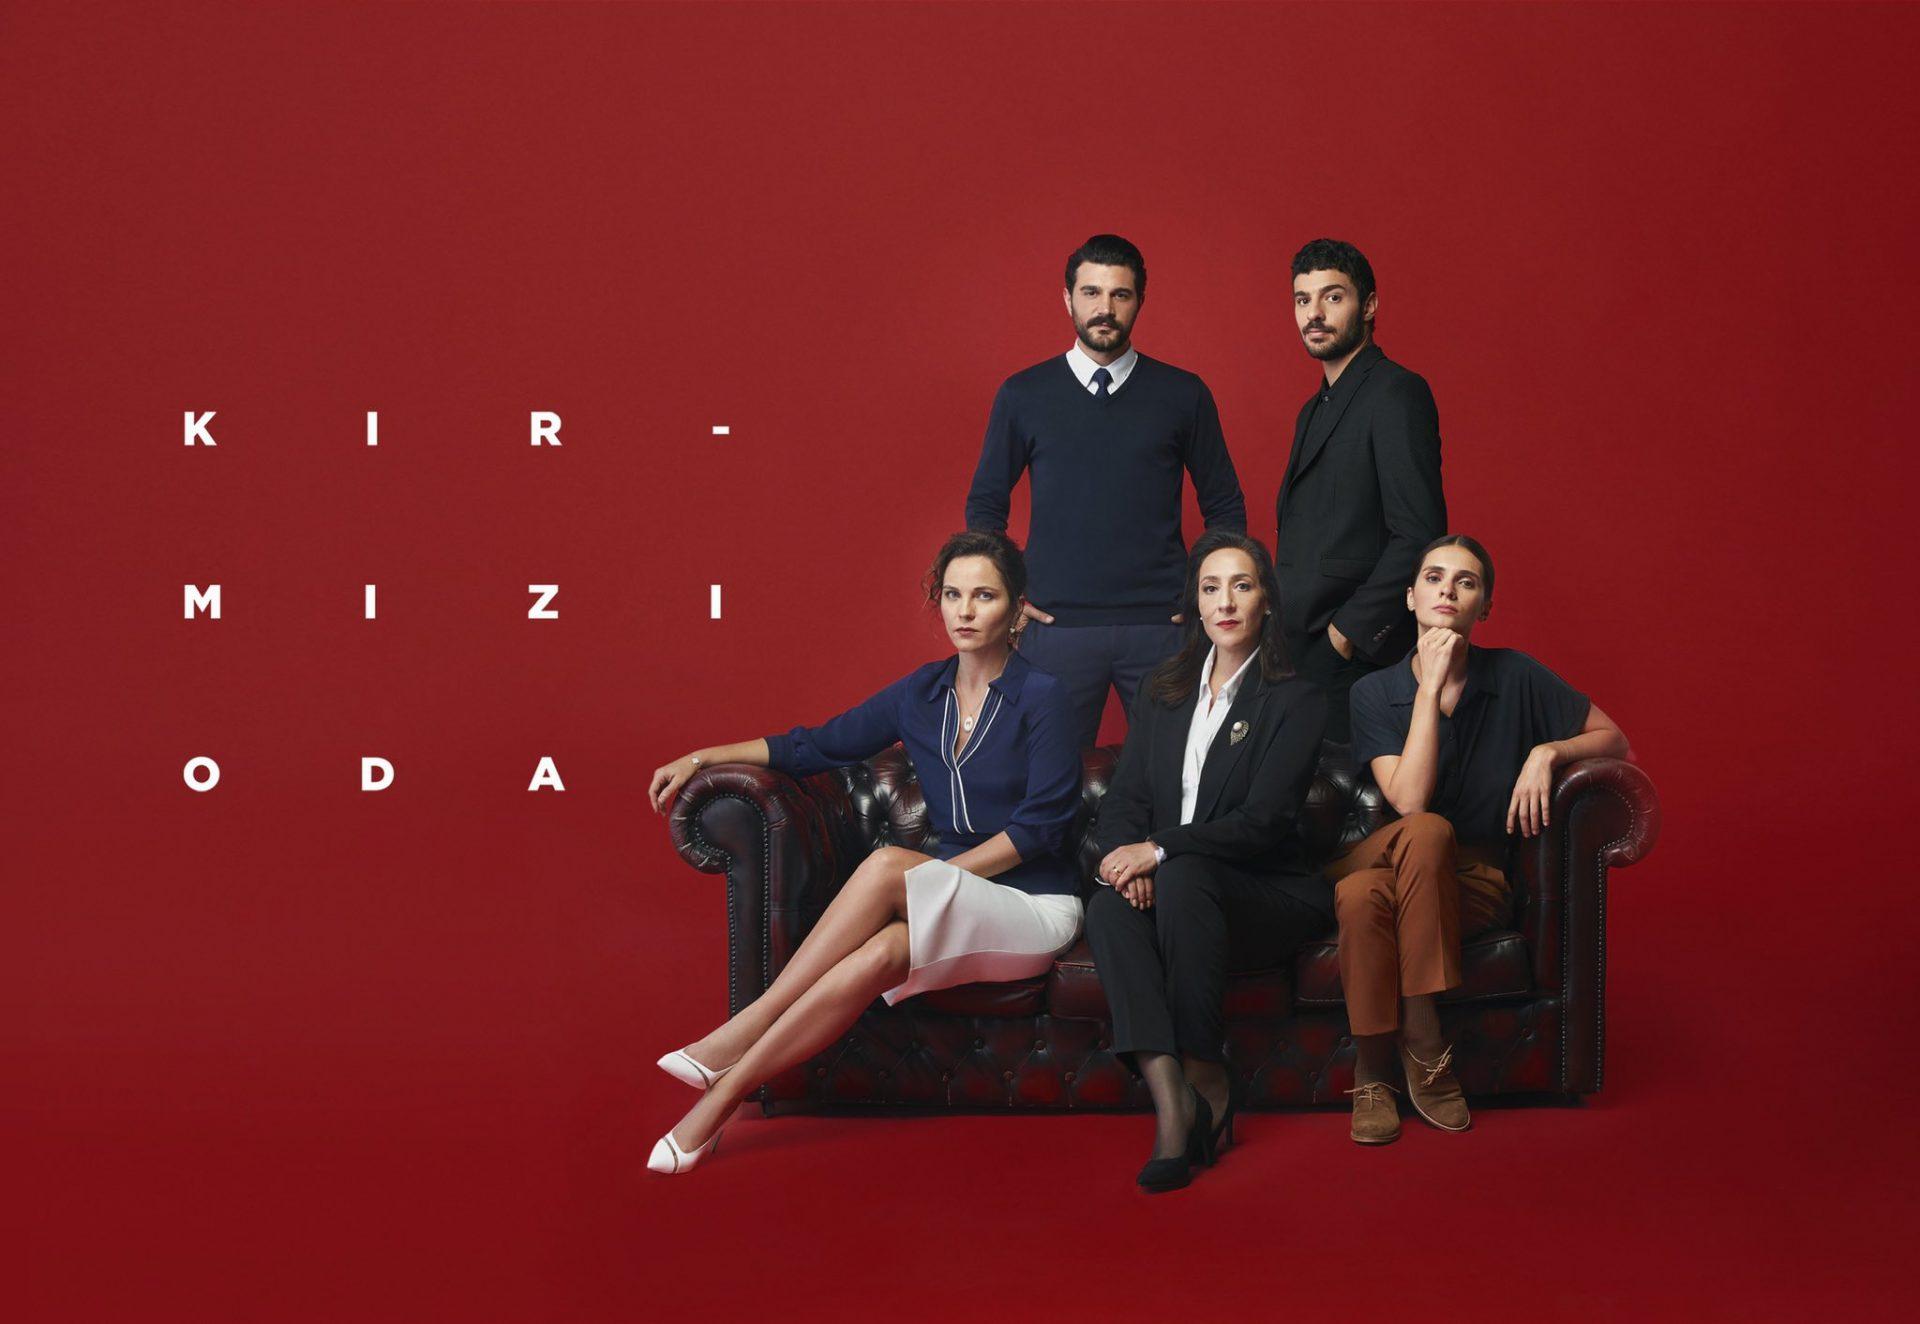 YKadınların çaresizliği üzerine inşa edilen bir ekran imparatorluğu: Gülseren Budayıcıoğlu'nun Kırmızı Oda'sı